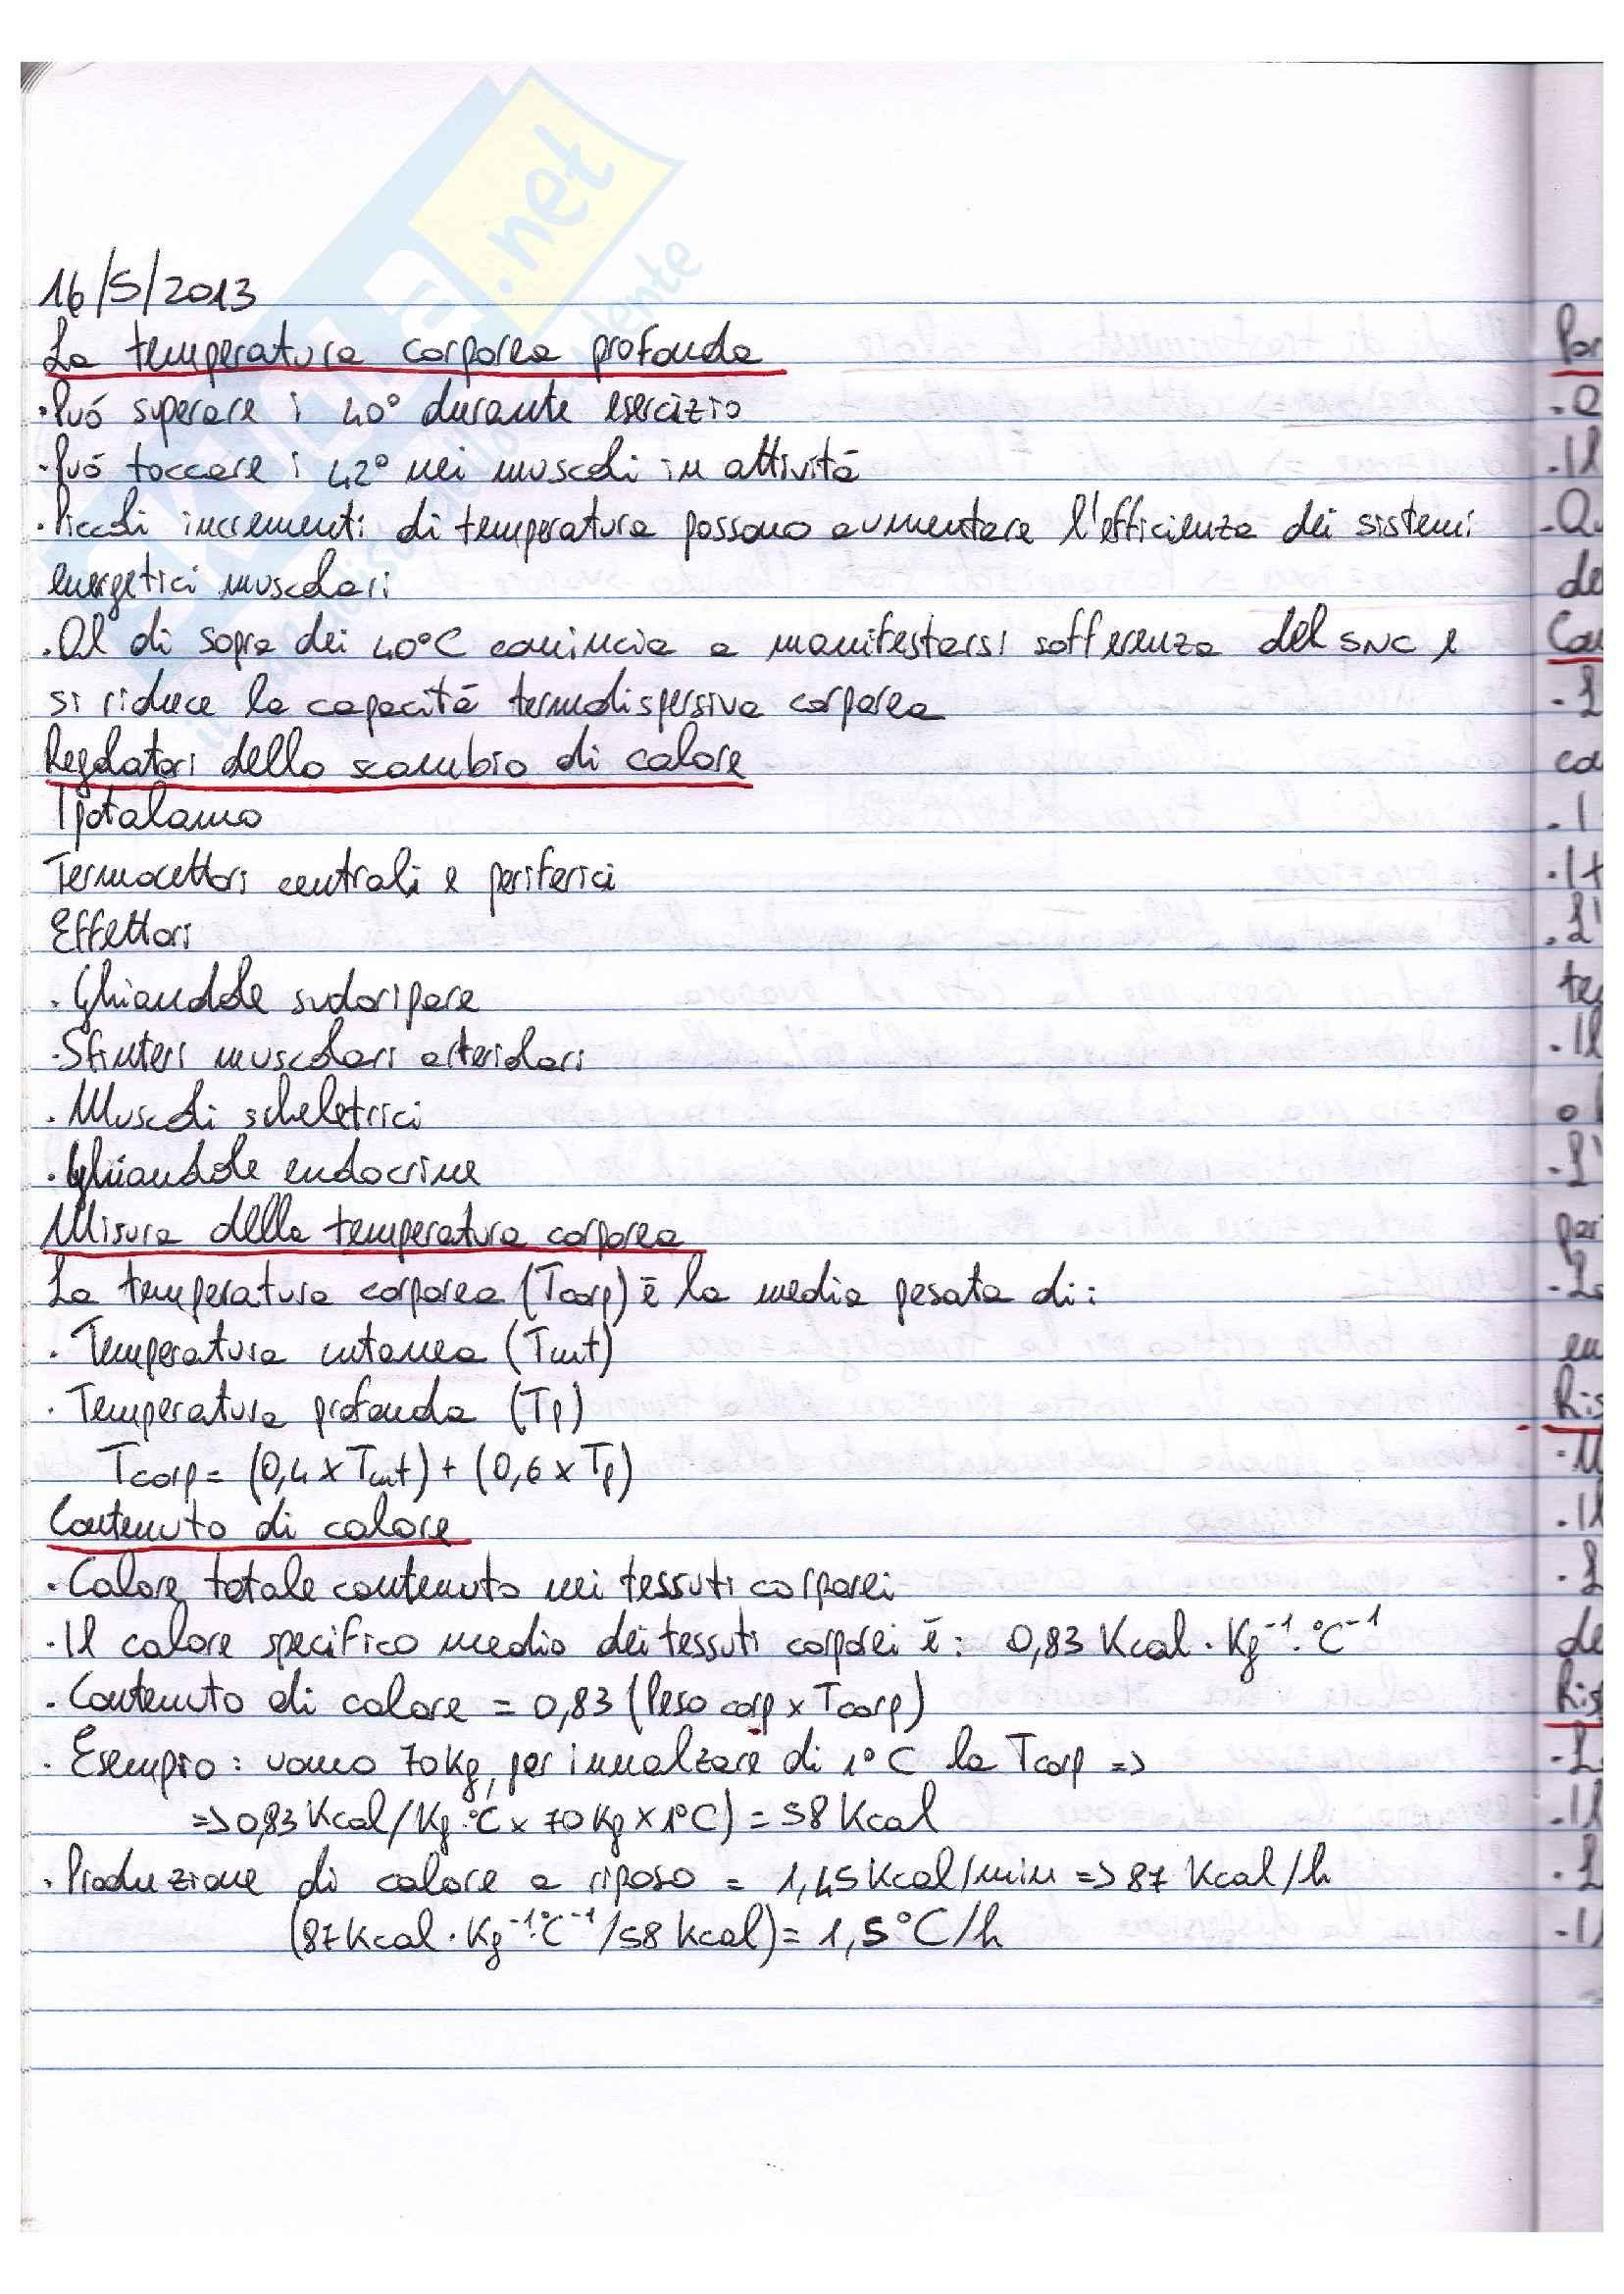 Riassunto esame Fisiologia, prof. Macaluso, libro Fisiologia, Vander, Costill: parte III Pag. 36